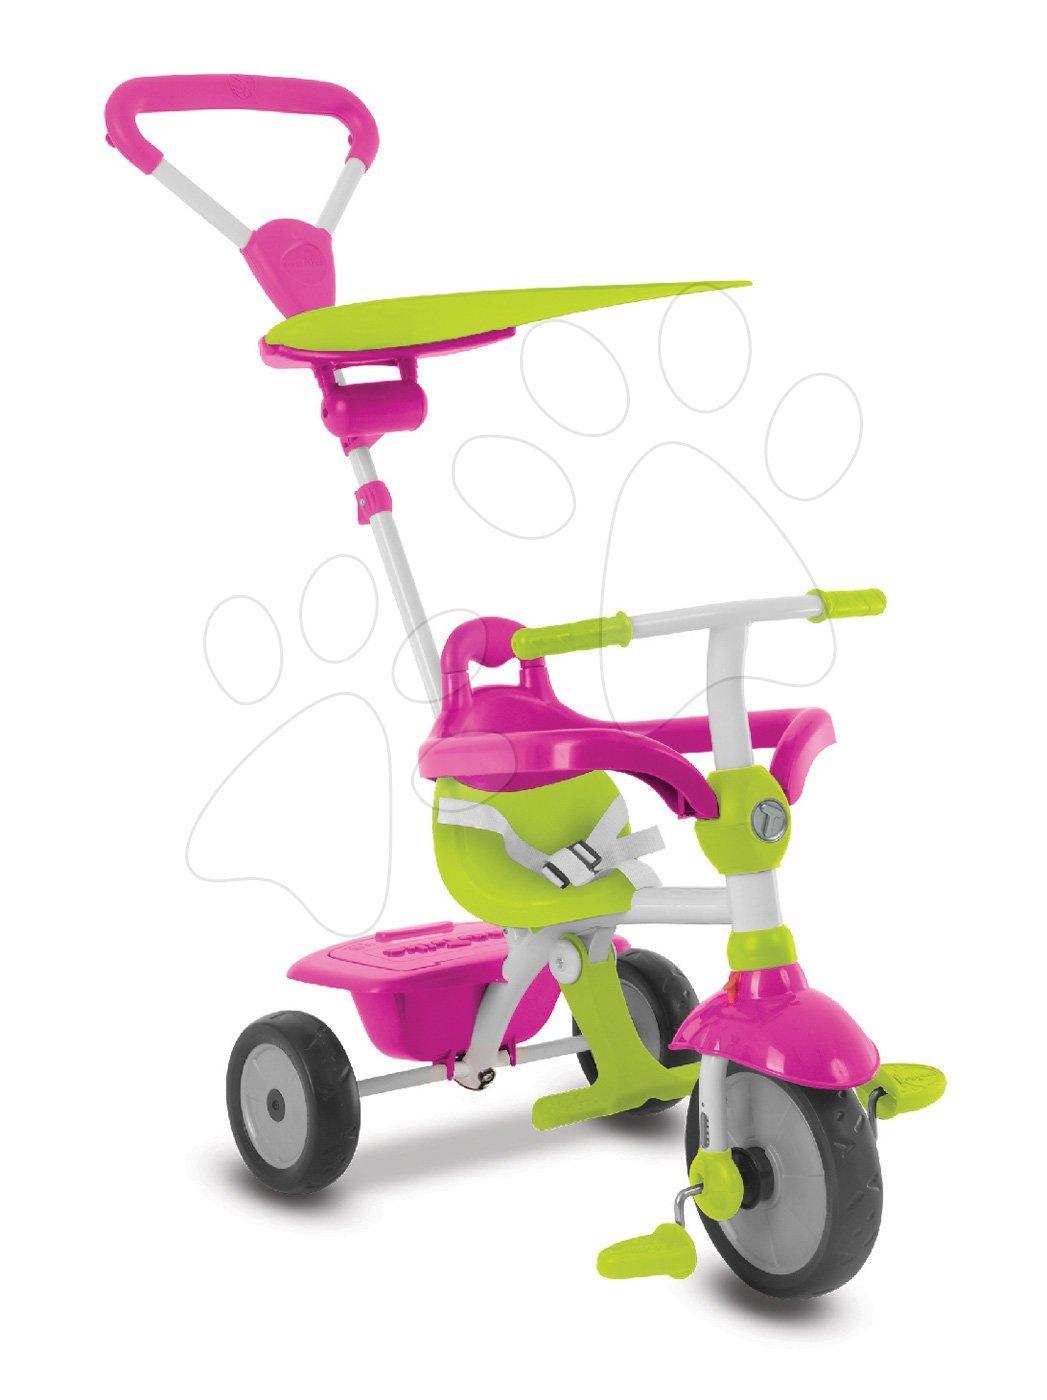 Tříkolka Zip Plus 3v1 Touch Steering smarTrike růžová, EVA gumová kola od 10 měsíců